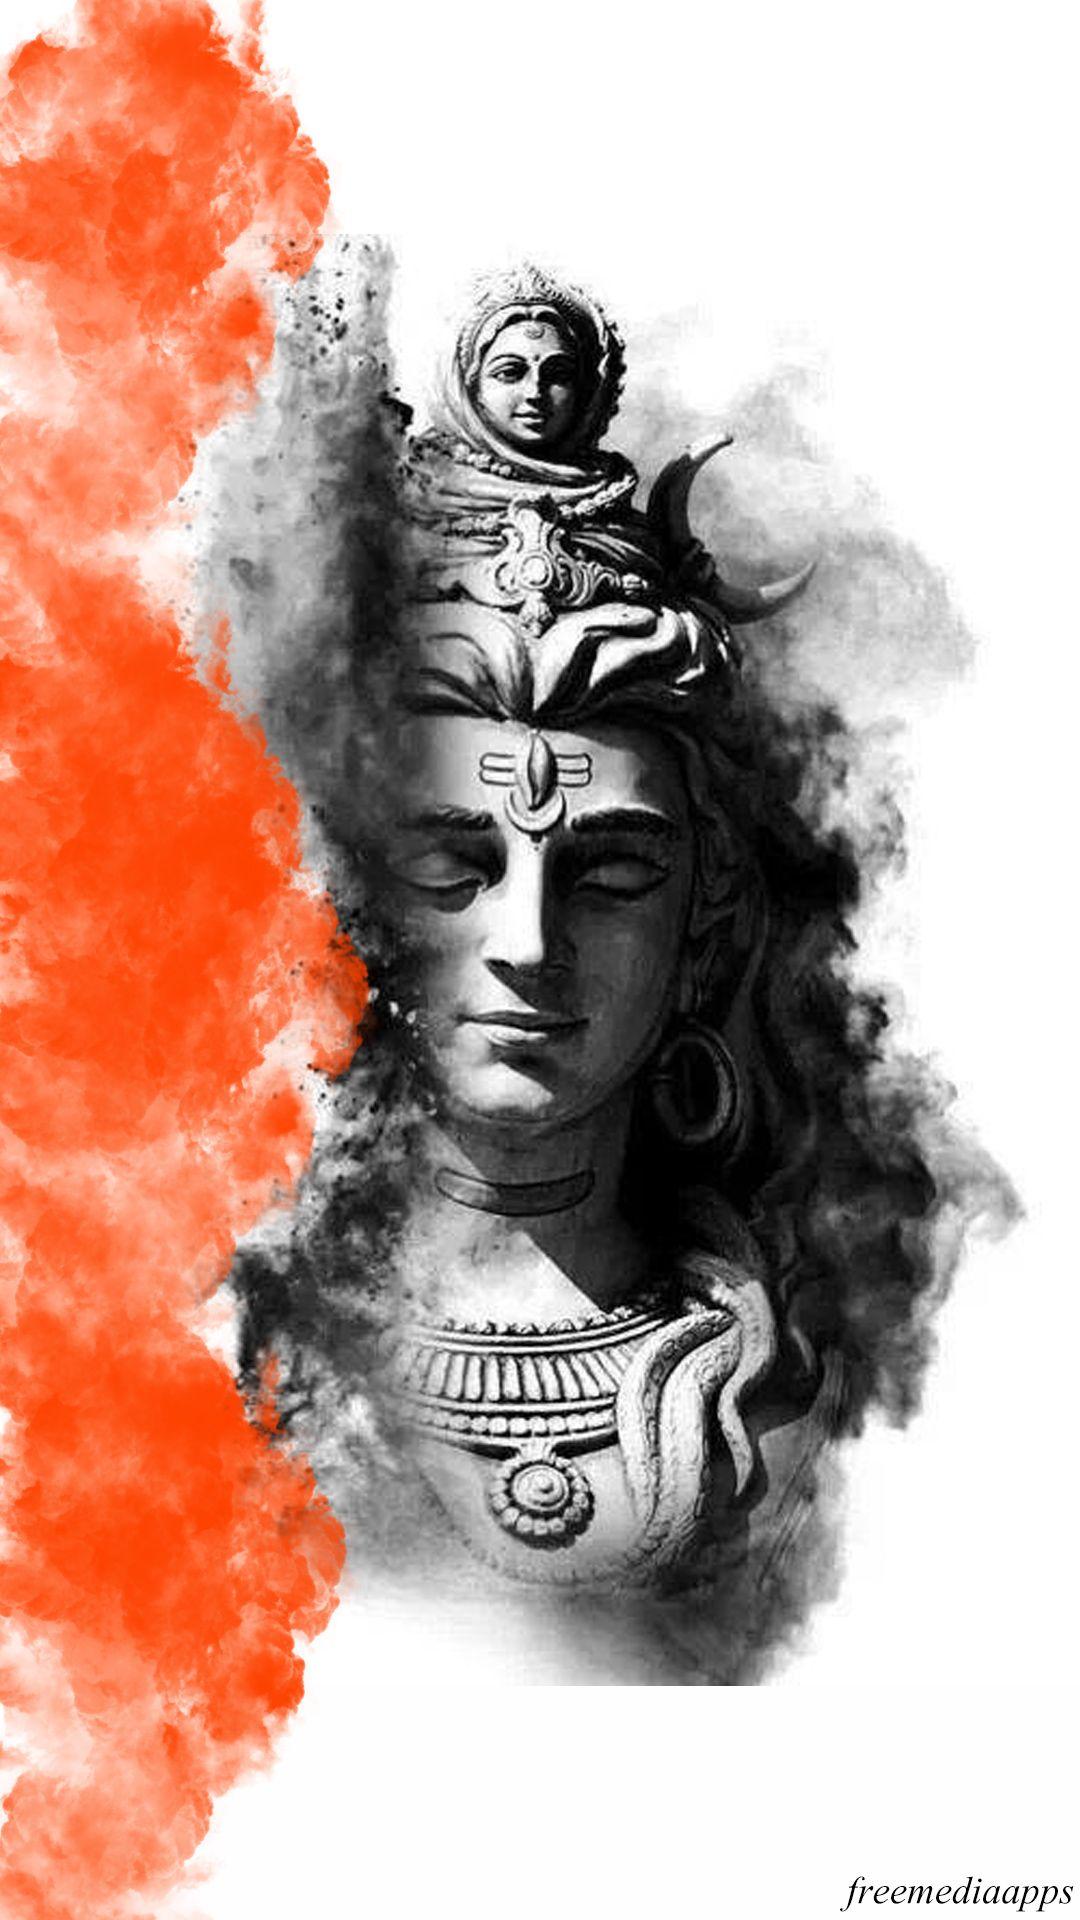 Mahakal mahadev shiva lordshiva ujjain shiv devonkedevmahadev jaimahakal